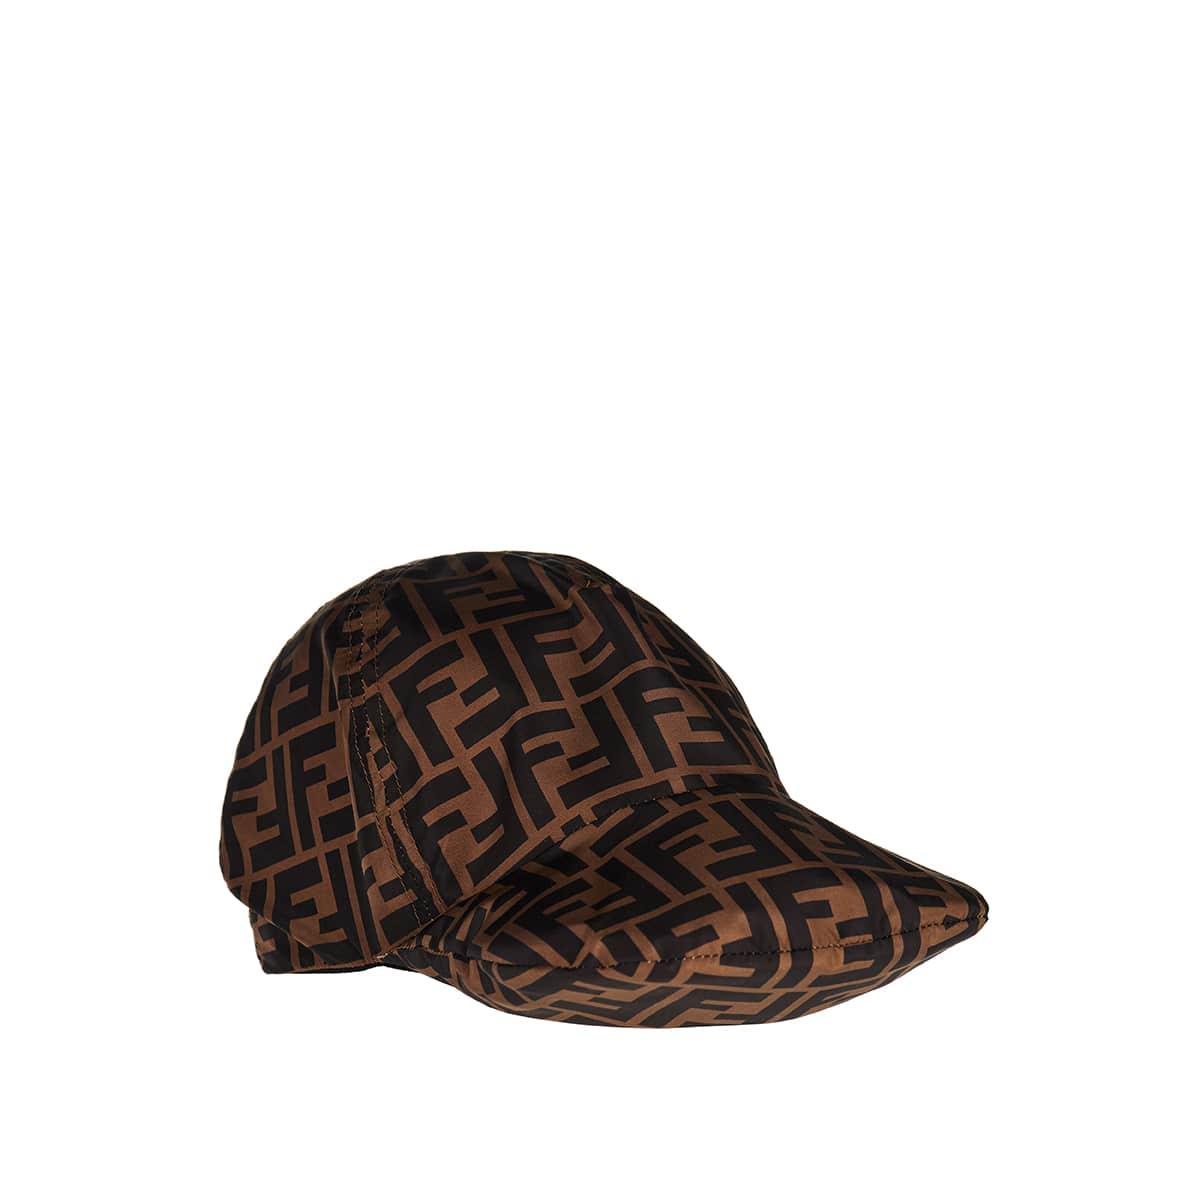 FF drawstring nylon cap